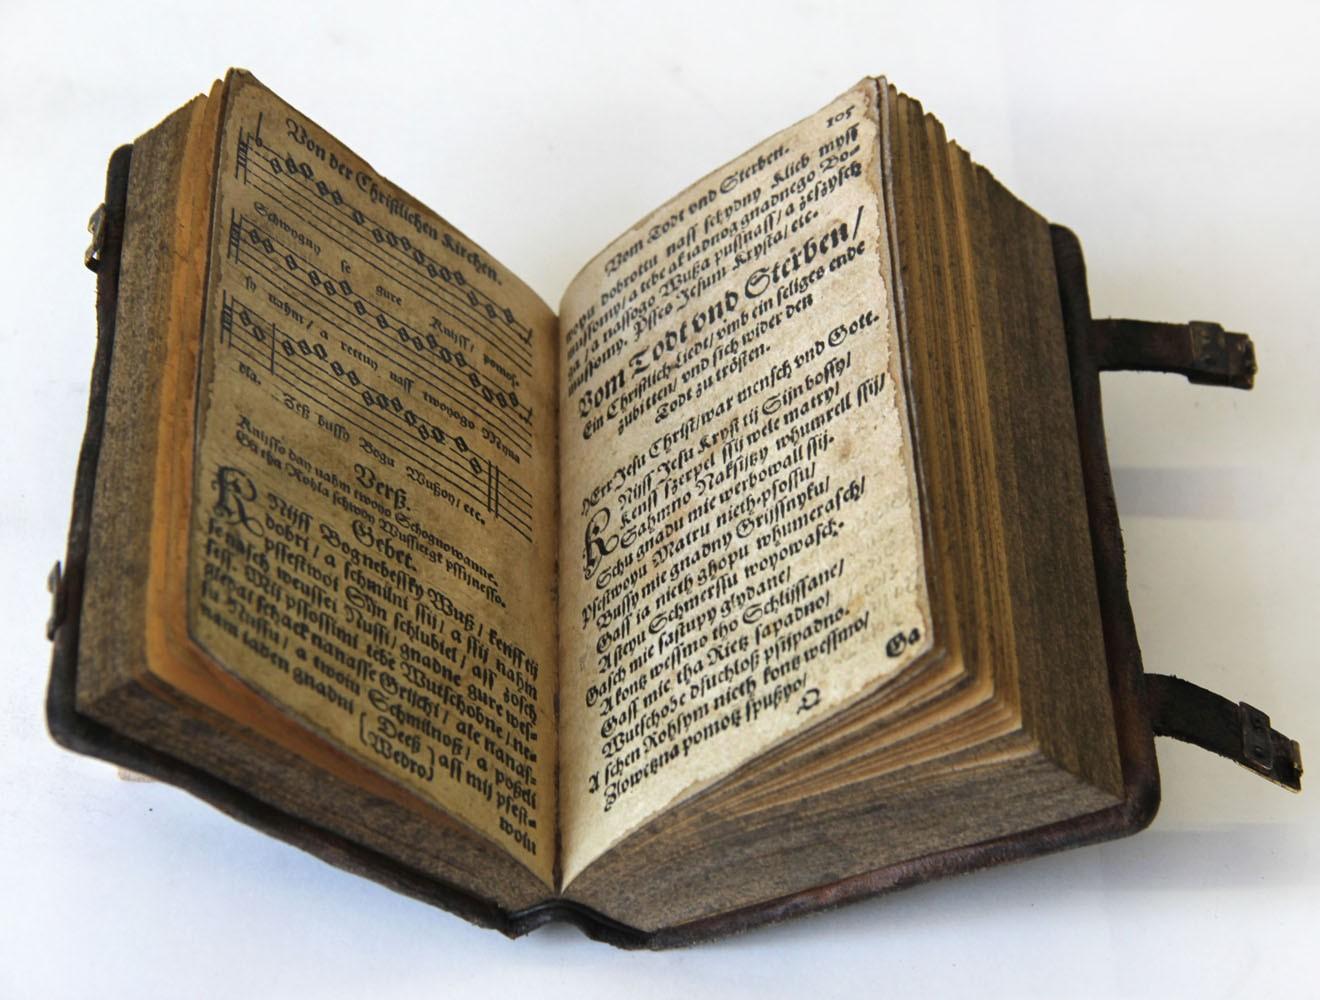 Replik_Sorbisches Gesangbuch_Innenseite